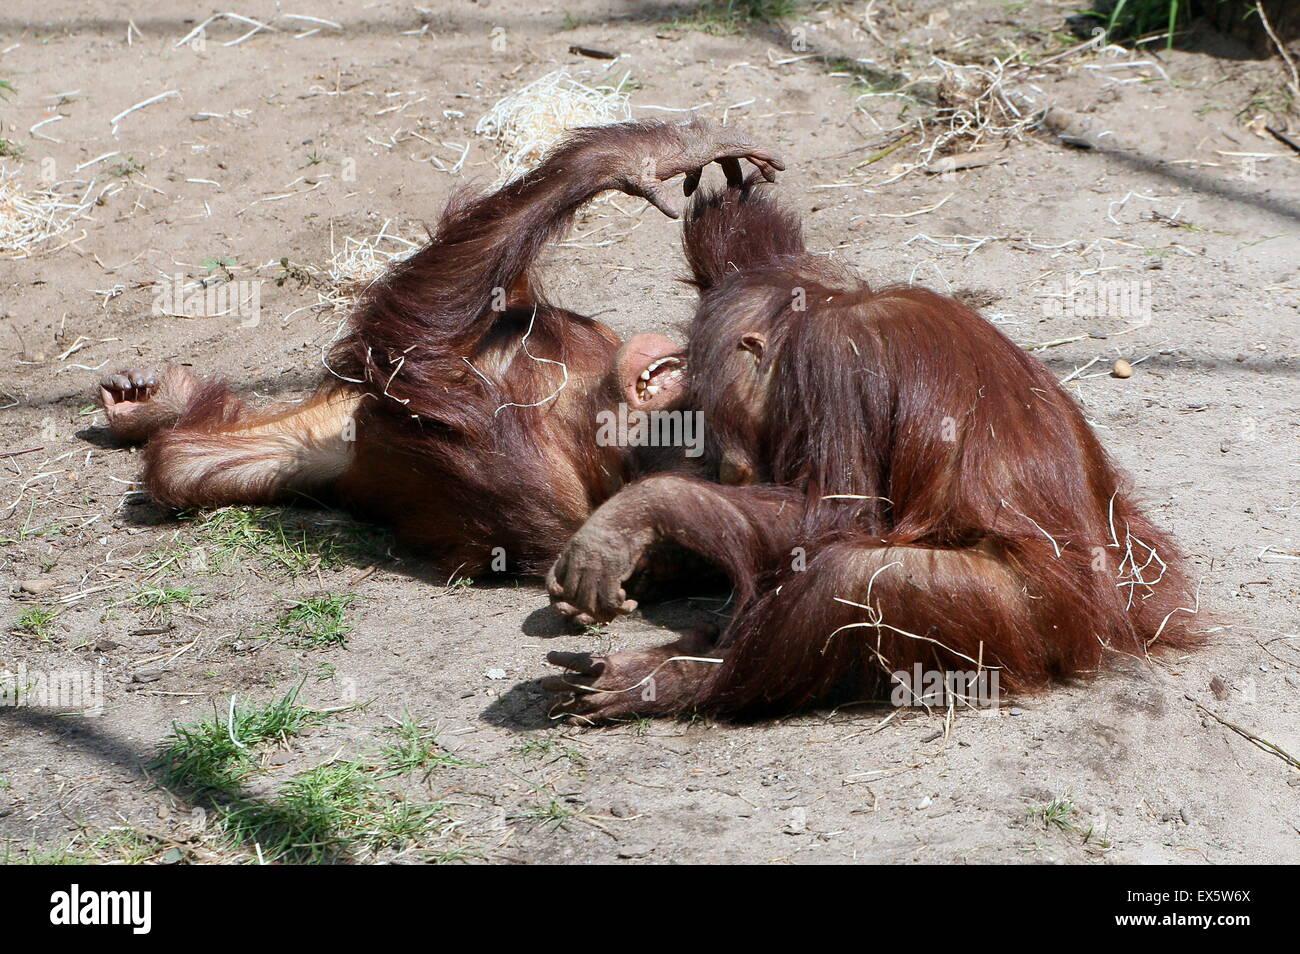 Dos jóvenes varones Bornean orangutanes (Pongo pygmaeus) luchando entre sí Foto de stock